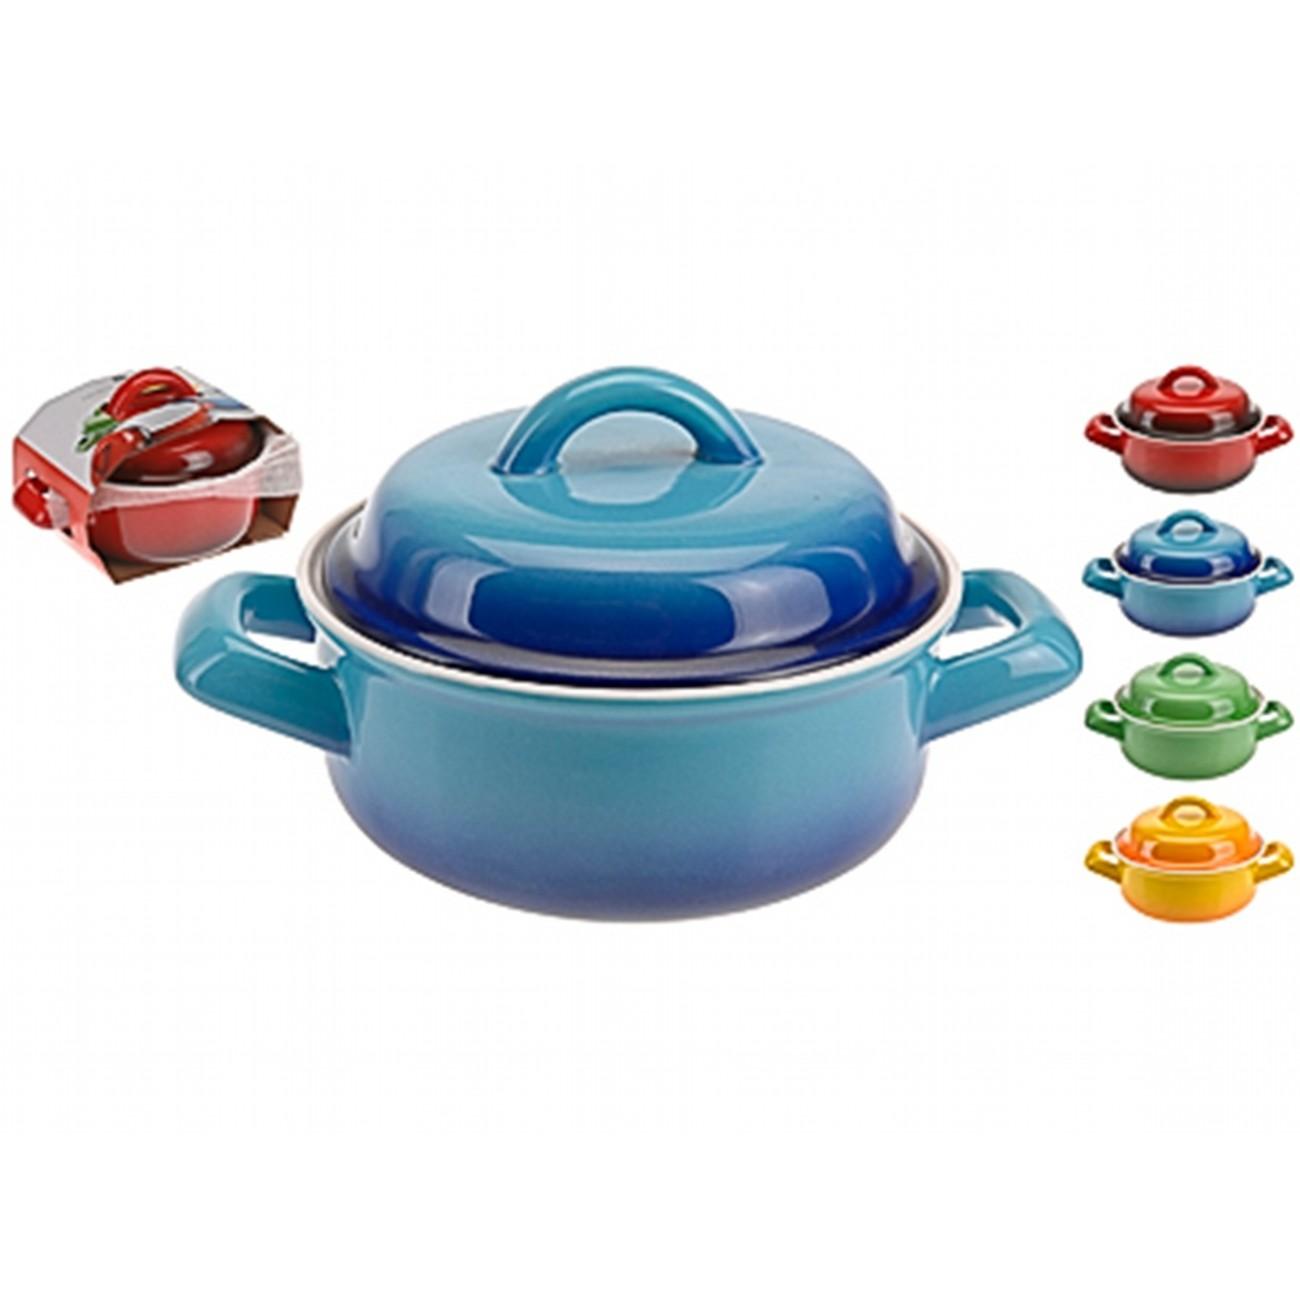 Кастрюля с крышкойExcellent Houseware производит посуду и различные предметы для дома. Кастрюля с крышкой - необходимый атрибут на каждой кухне. Качественная посуда позволит вам готовить вкусные блюда, не беспокоясь о том, что пища пригорит. Внимание! Выбрать цвет заранее не представляется возможным.<br>